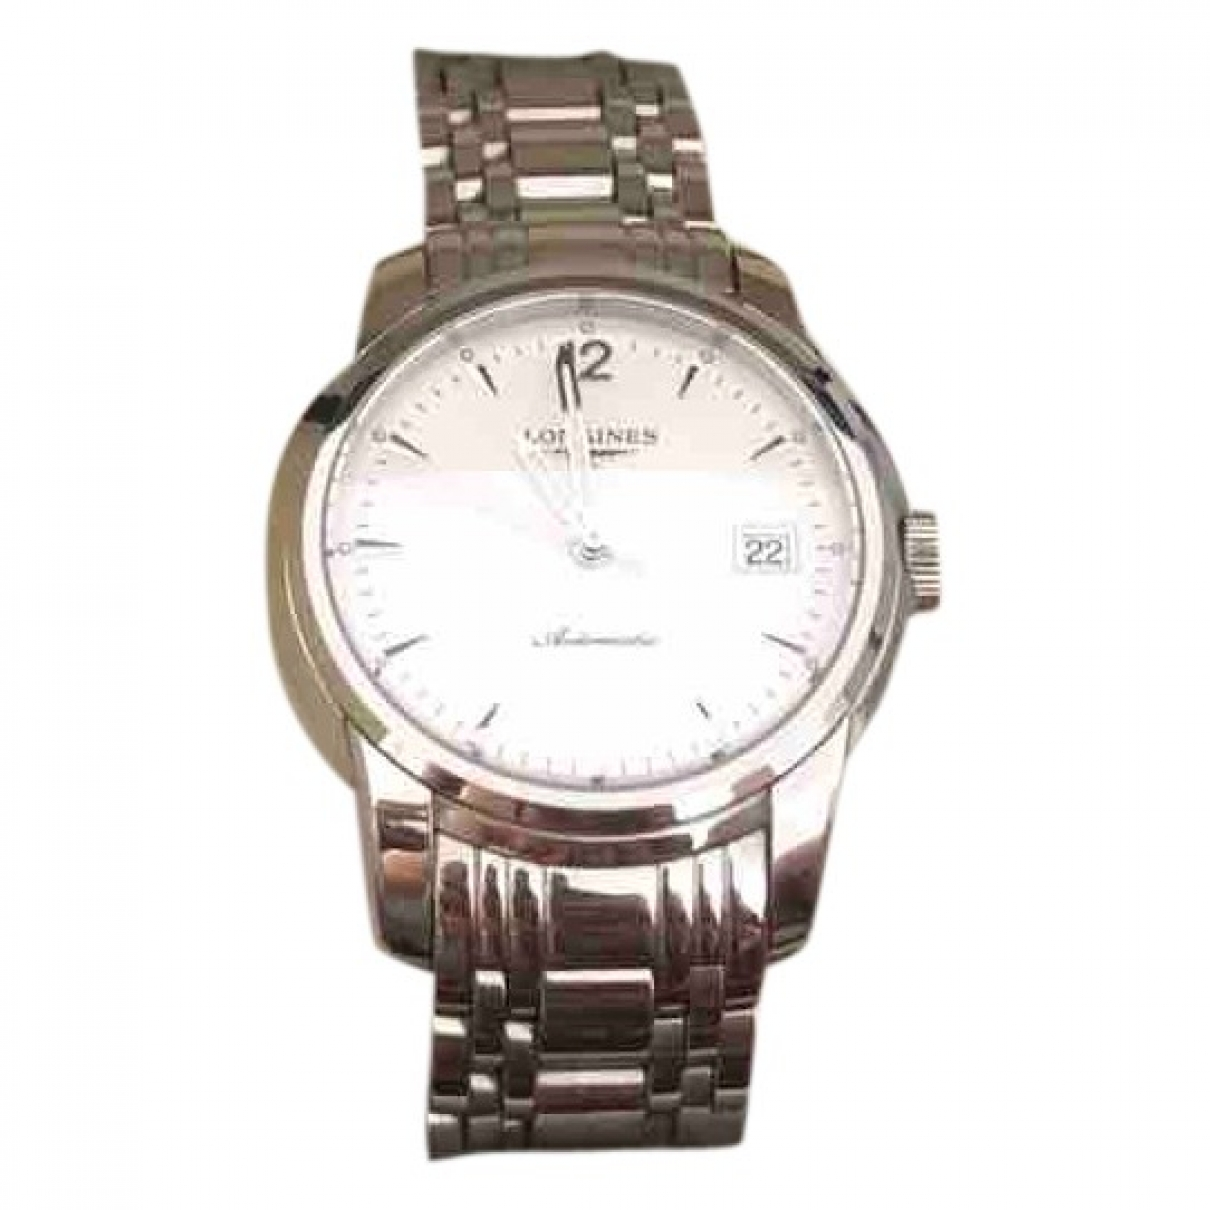 Relojes Saint-Imier Longines